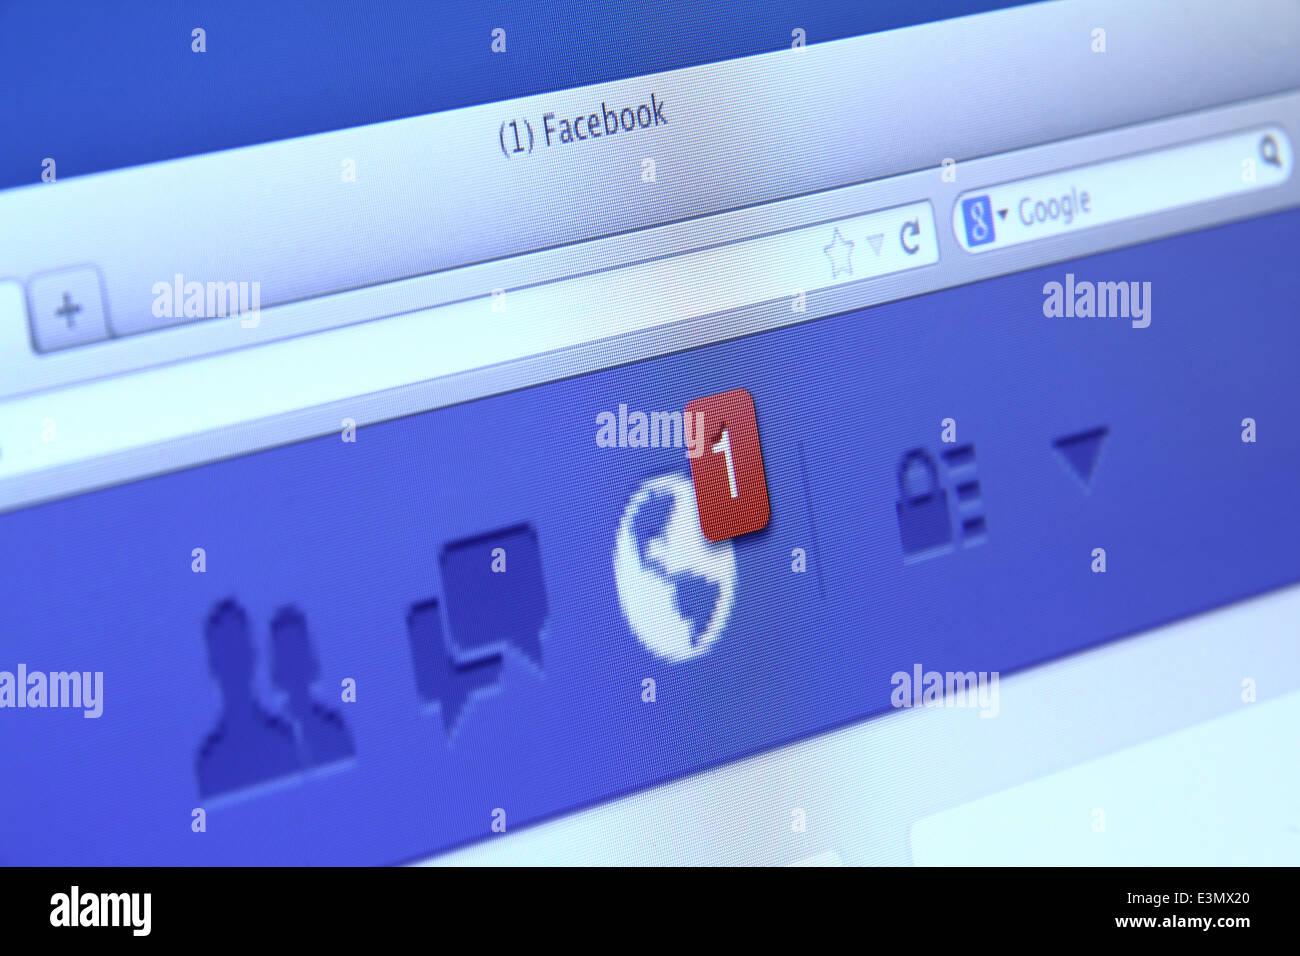 Les Notifications Facebook Sur L Ecran D Ordinateur Facebook Est Le